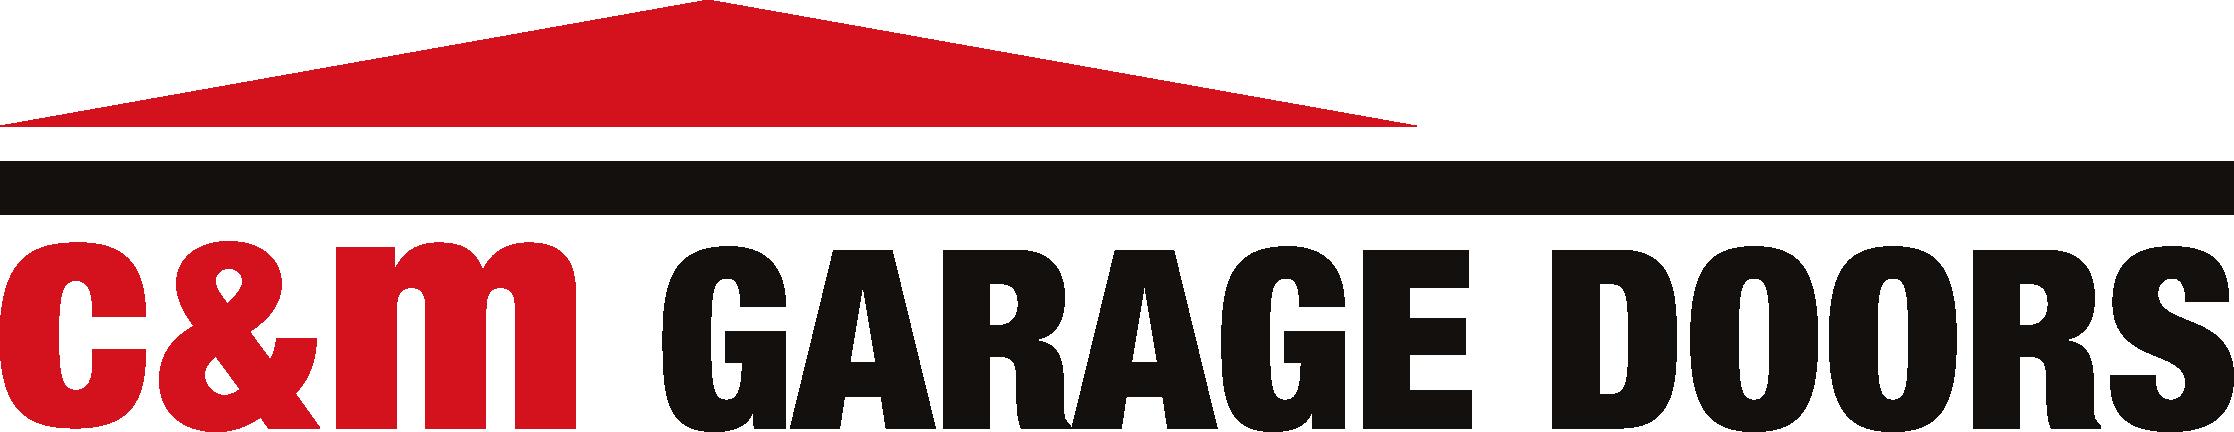 Garage Doors new logo